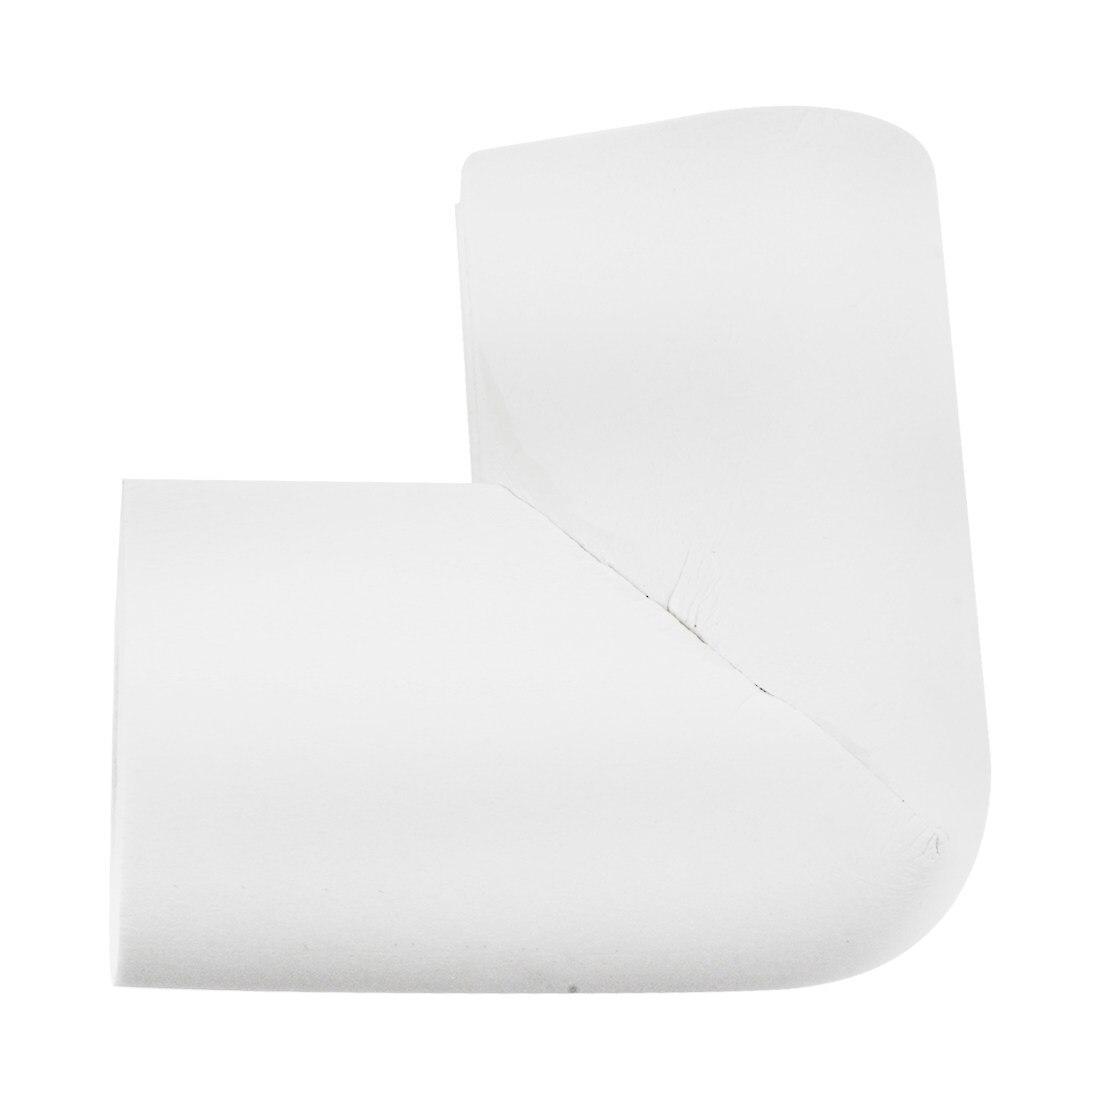 2 table shelves sharp corner mattress bumper safe guard